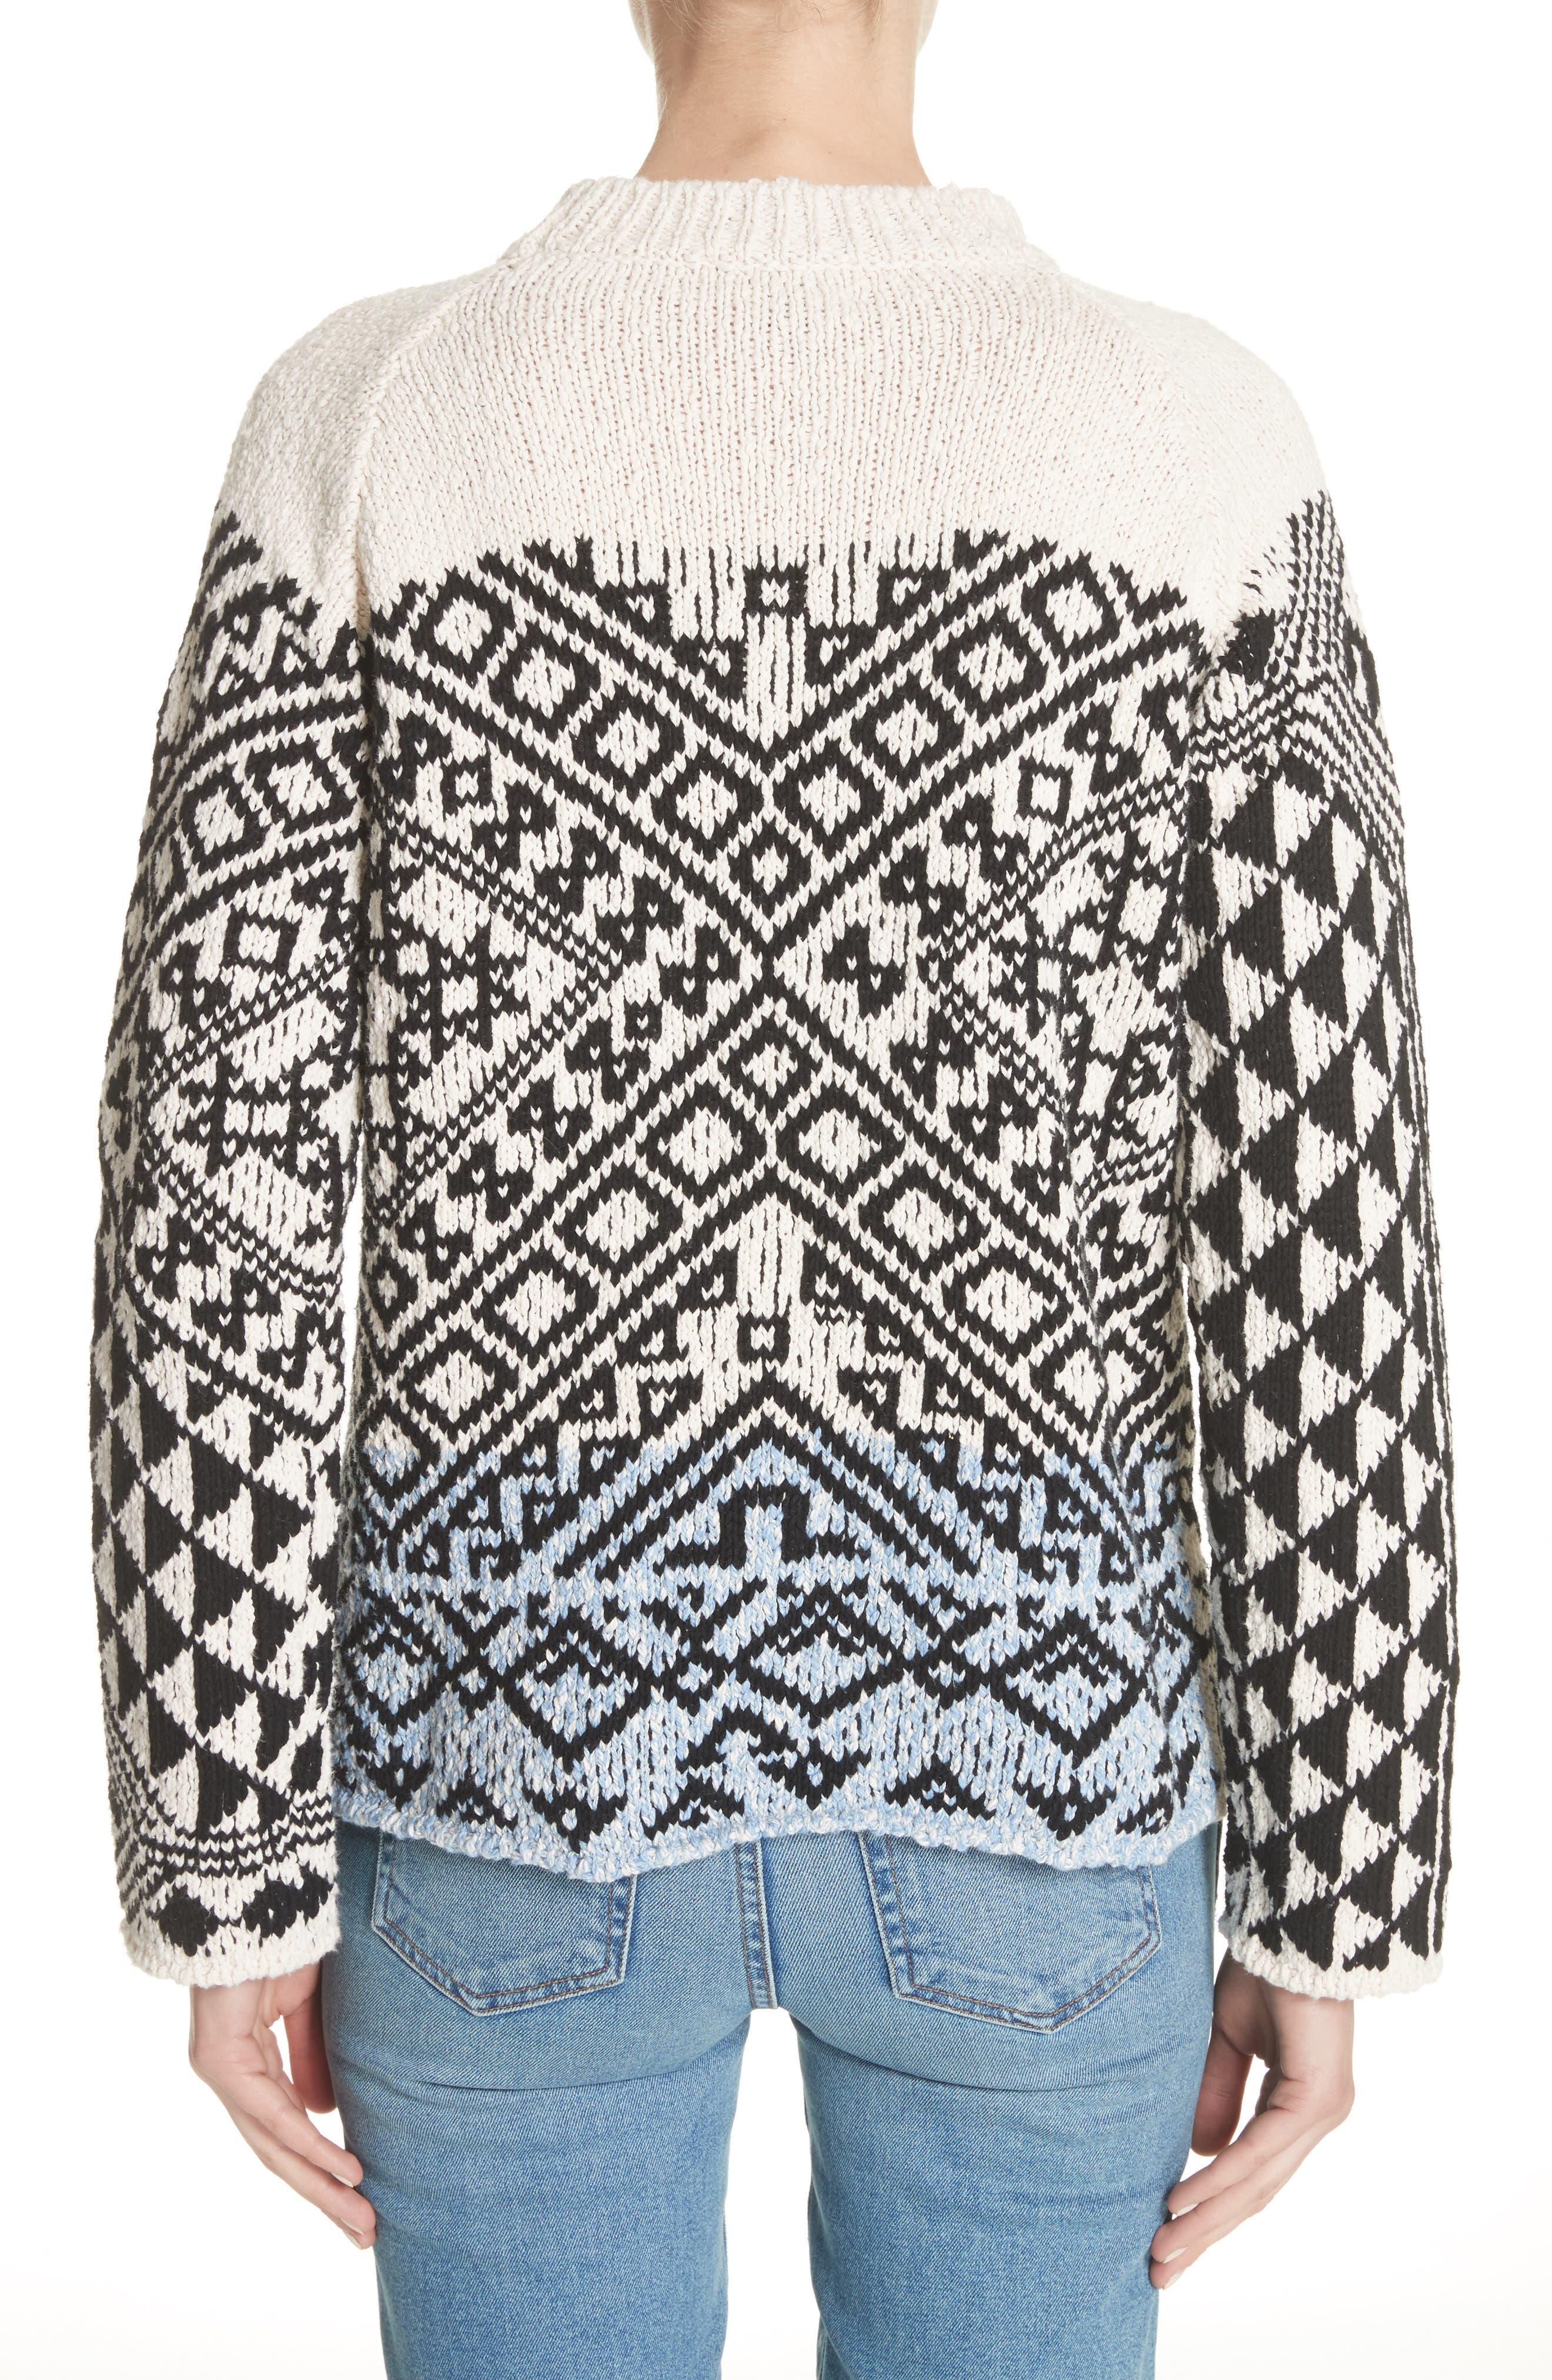 Rhia Jacquard Sweater,                             Alternate thumbnail 2, color,                             Off White/ Black